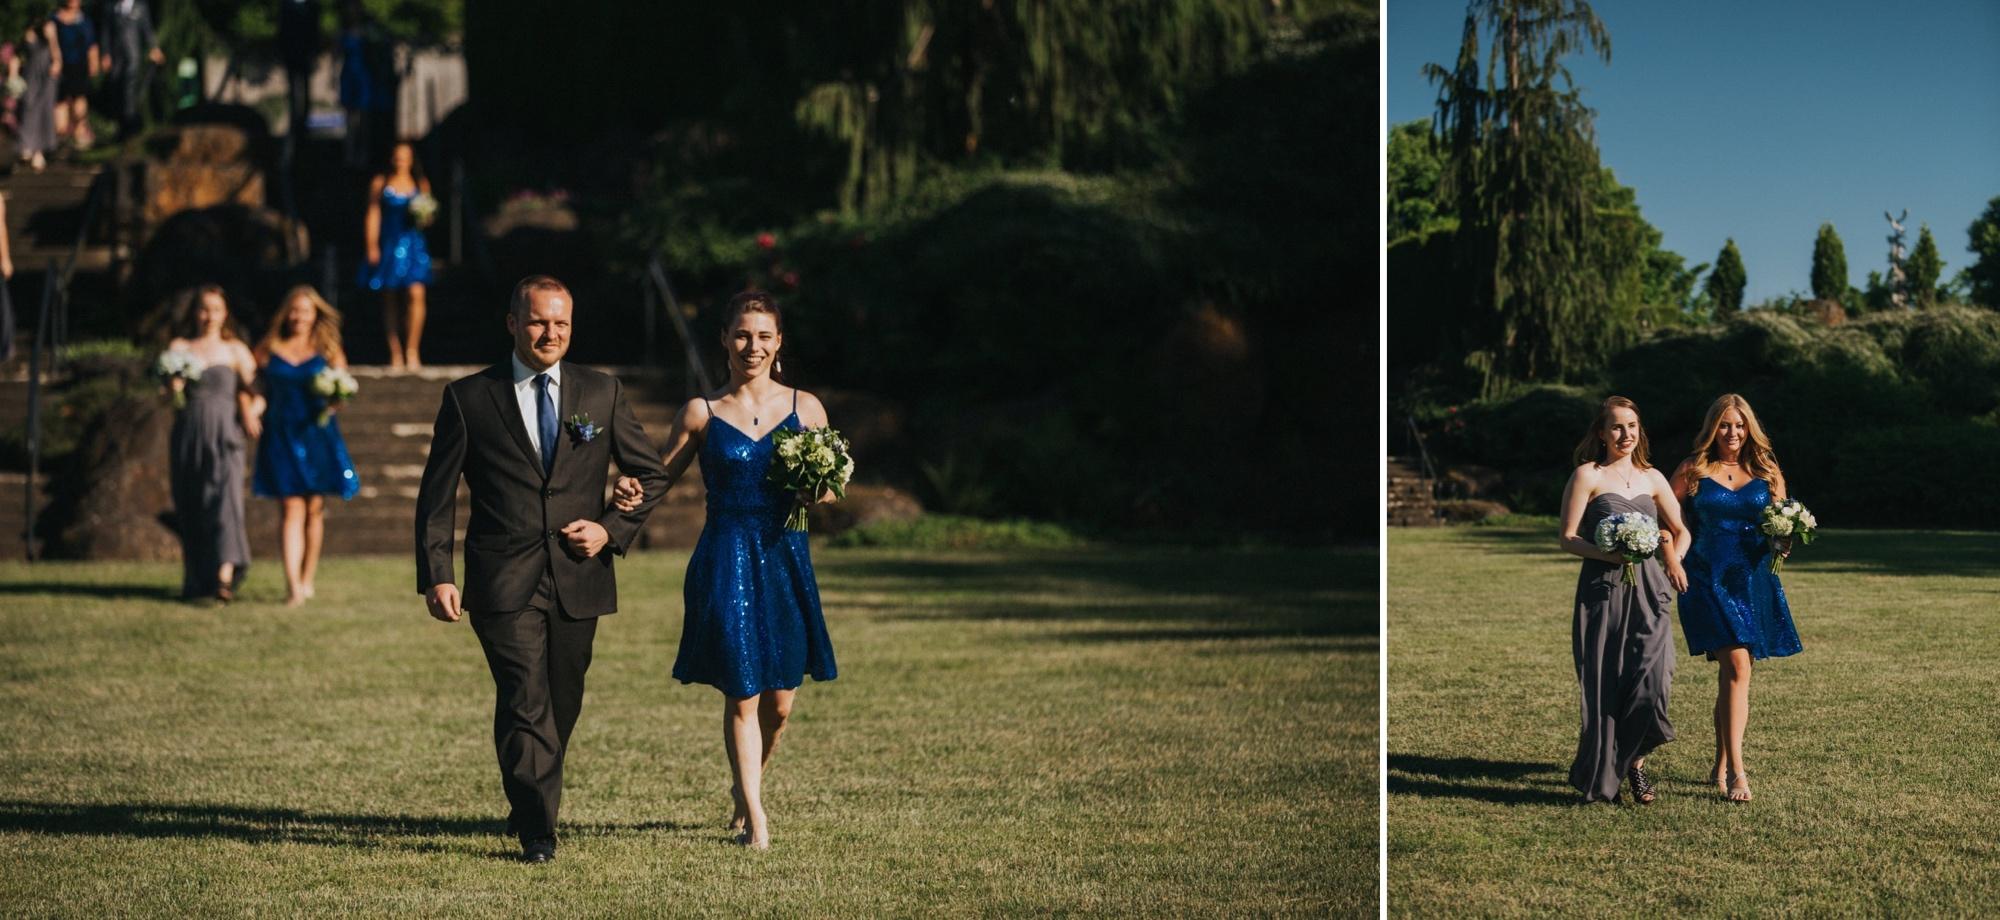 051_oregon-garden-travel-themed-wedding-photos_Haak_Oregon-Garden-Resort_Silverton-Oregon-Wedding-Photographer-127_oregon-garden-travel-themed-wedding-photos_Haak_Oregon-Garden-Resort_Silverton-Oregon-Wedding-Photographer-126.jpg